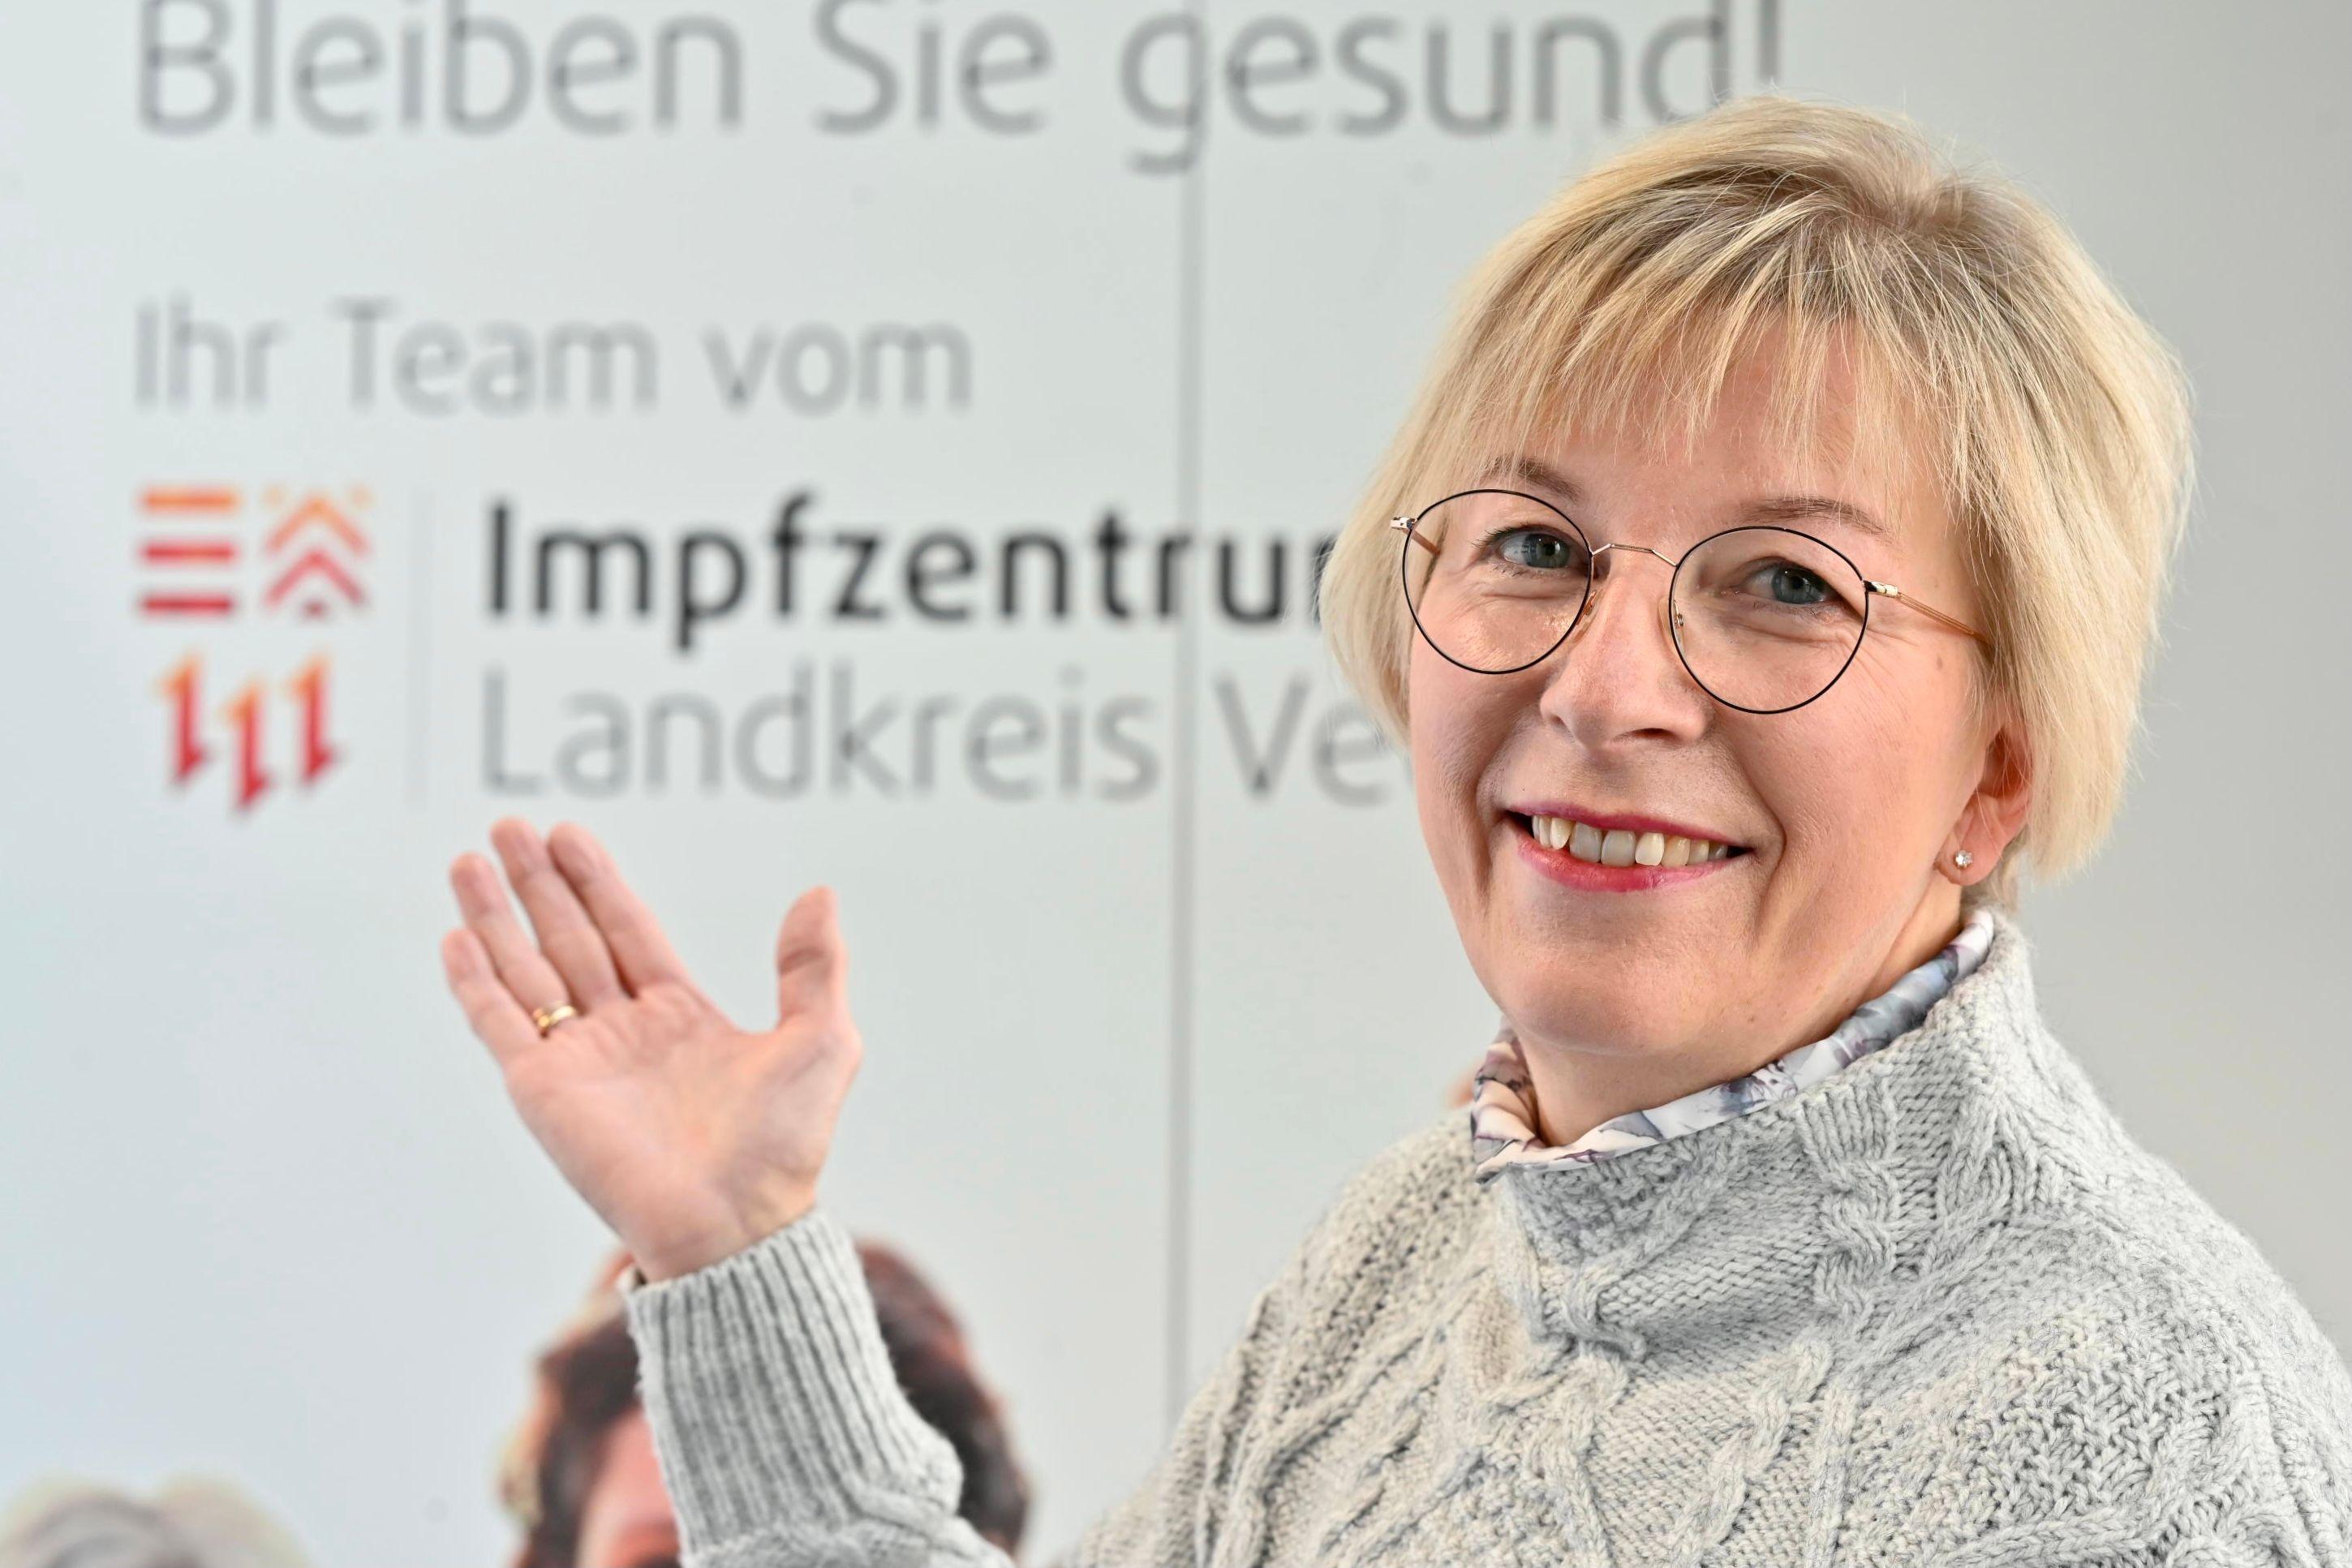 Hätte gerne mehr Impfstoff gegen Covid-19 im Kühlschrank: Anke Meyer im Impfzentrum des Landkreises in Lohne. Foto: M. Niehues